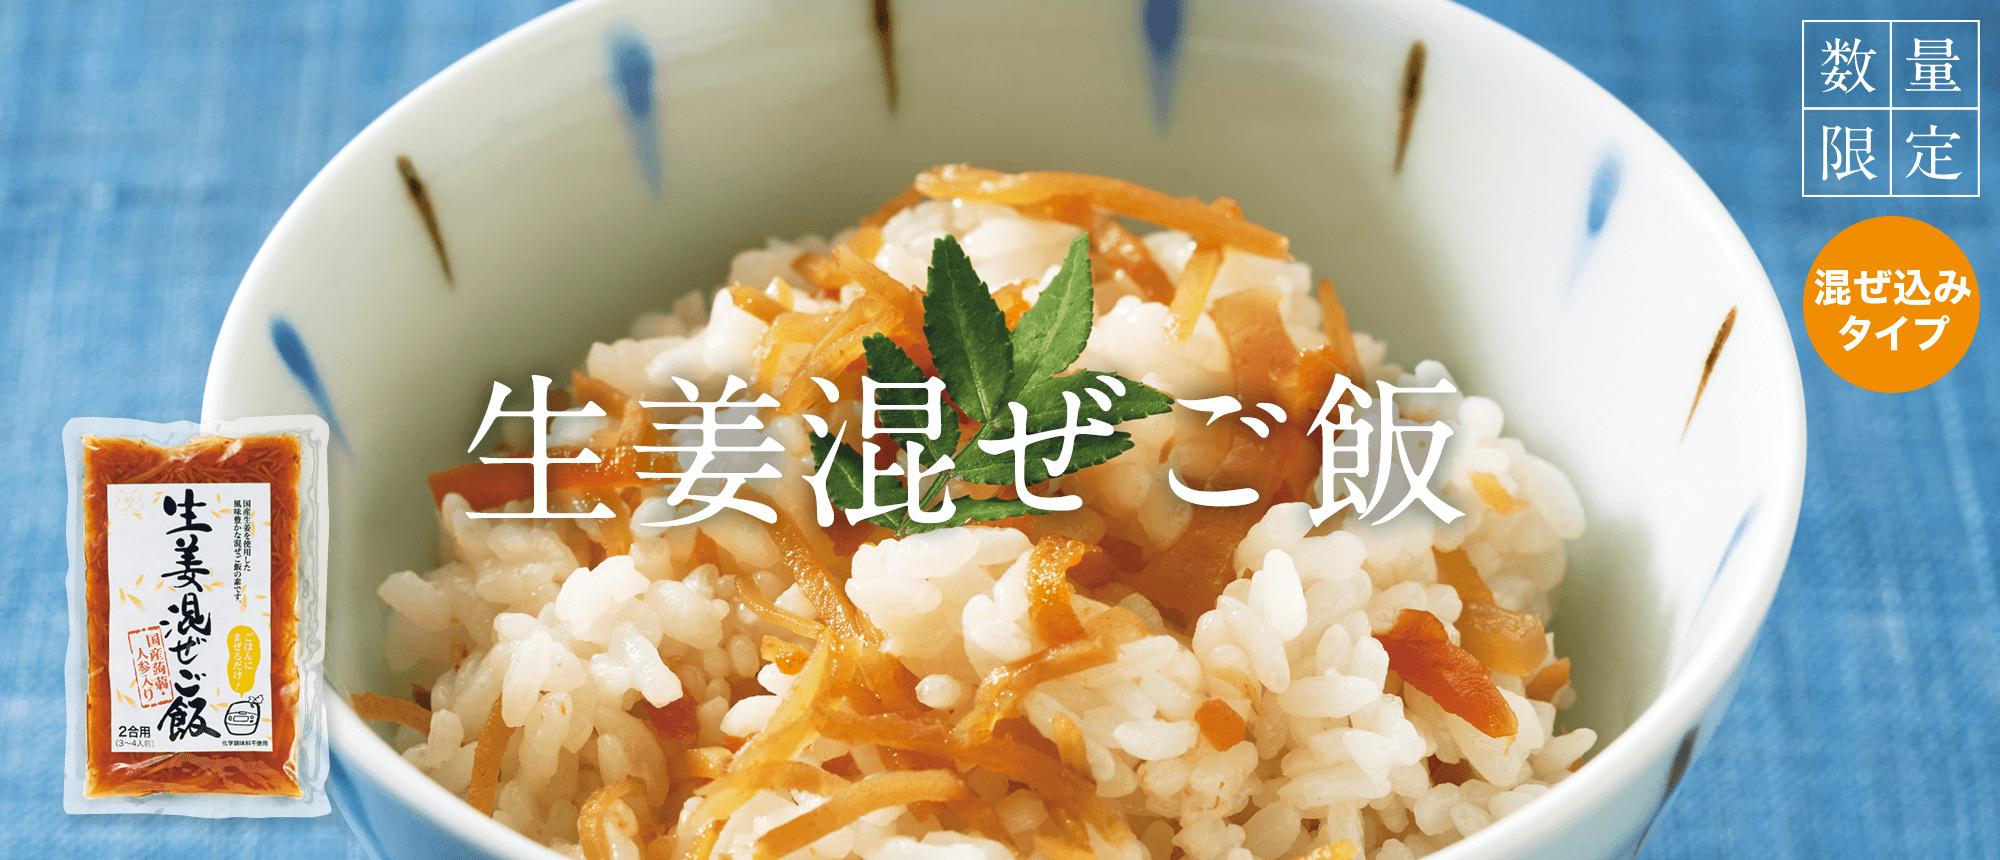 生姜混ぜご飯